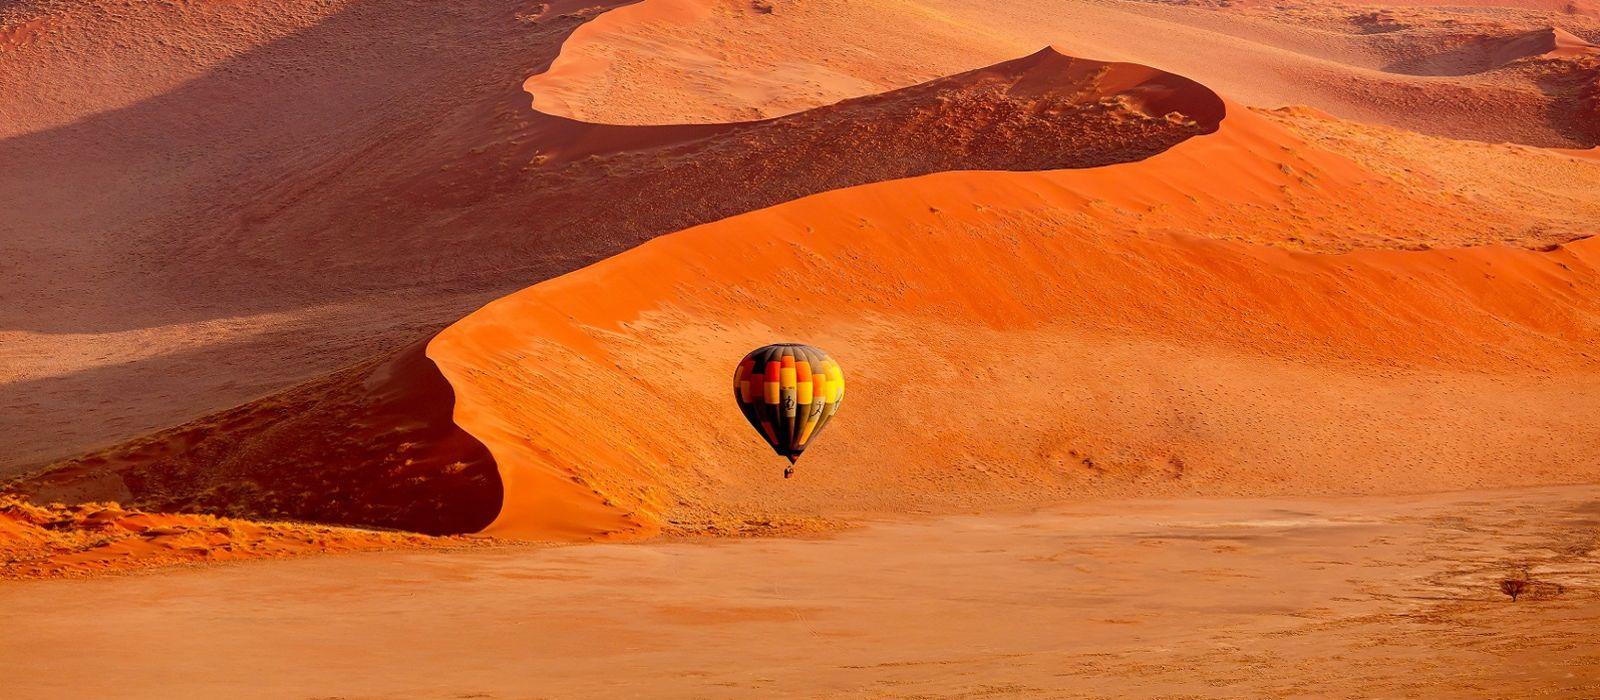 Namibias schönste Landschaften von oben Urlaub 2